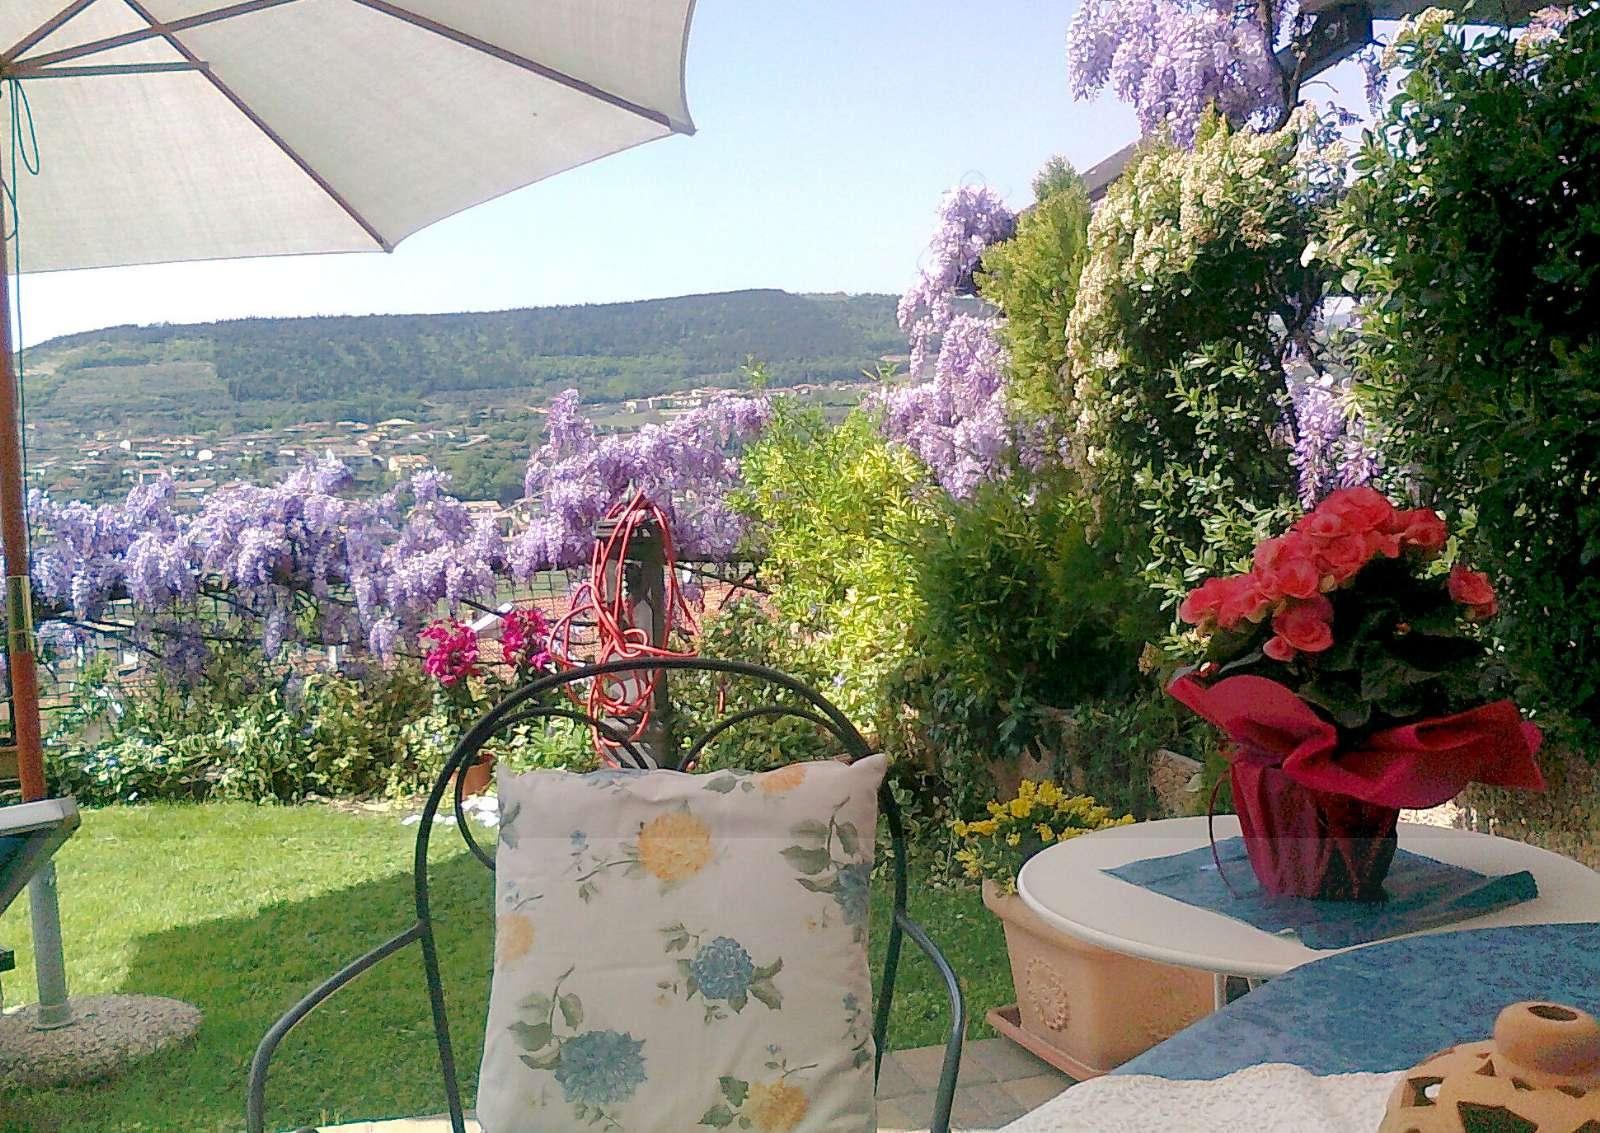 Terrasse et jardin avec vue sur les vignes et sur la ville de Negrar